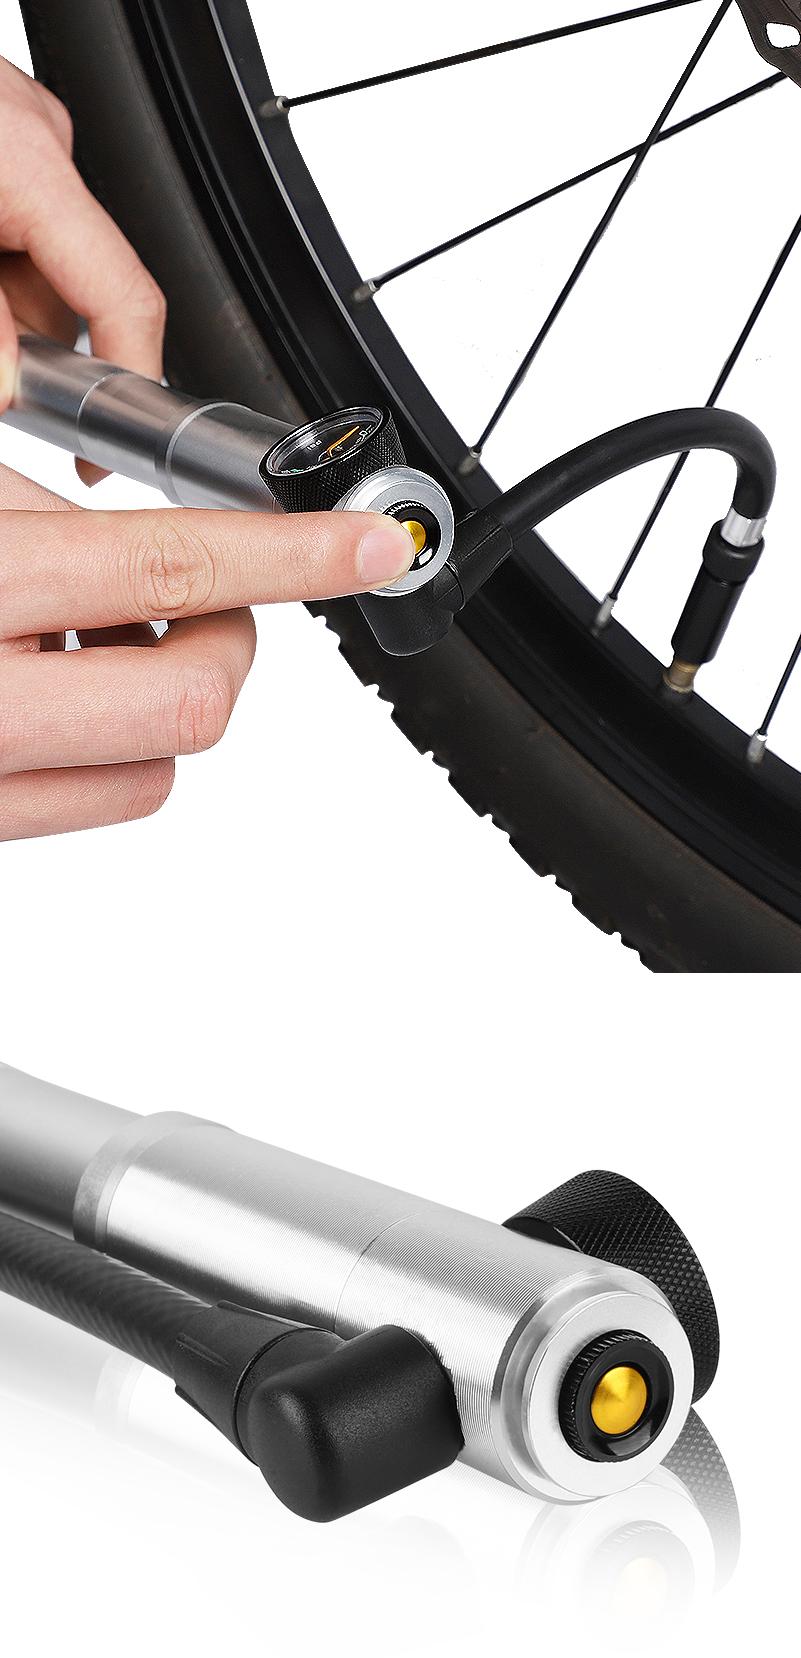 TÂY ĐI XE ĐẠP Mini Xe Đạp Bơm Chu Kỳ Tay Máy Bơm Không Khí Ống Phụ Kiện Xe Đạp Cascos Xe Đạp Bóng Tire Inflator Mini Đạp Xe Đạp Tay bơm